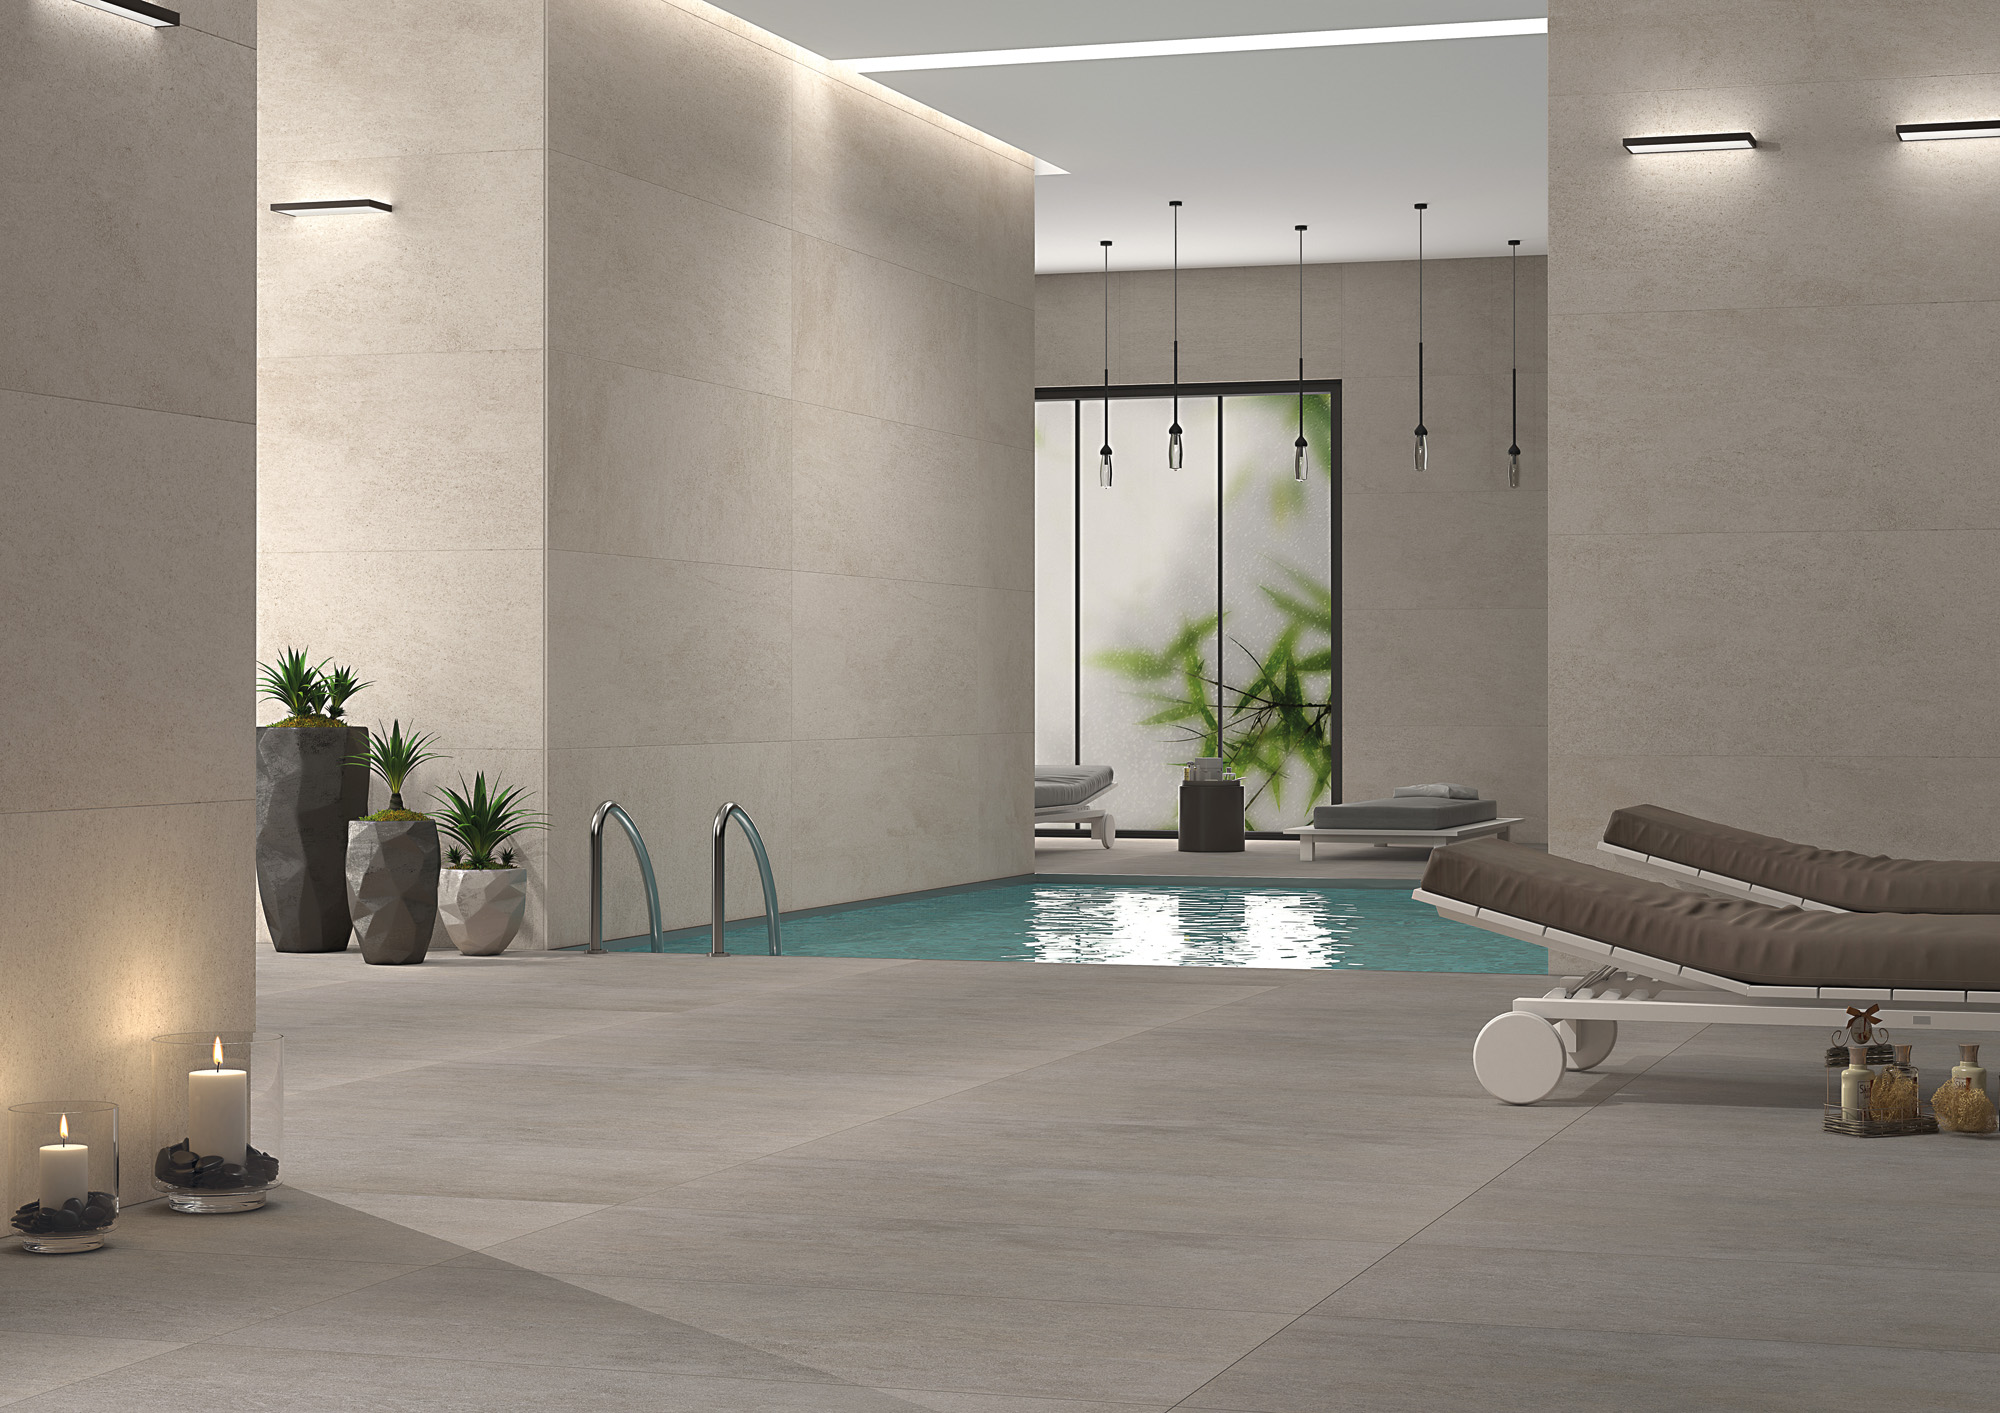 Badezimmer-Sauna-Waschbereich-mit-Wand-und-Bodenfliesen